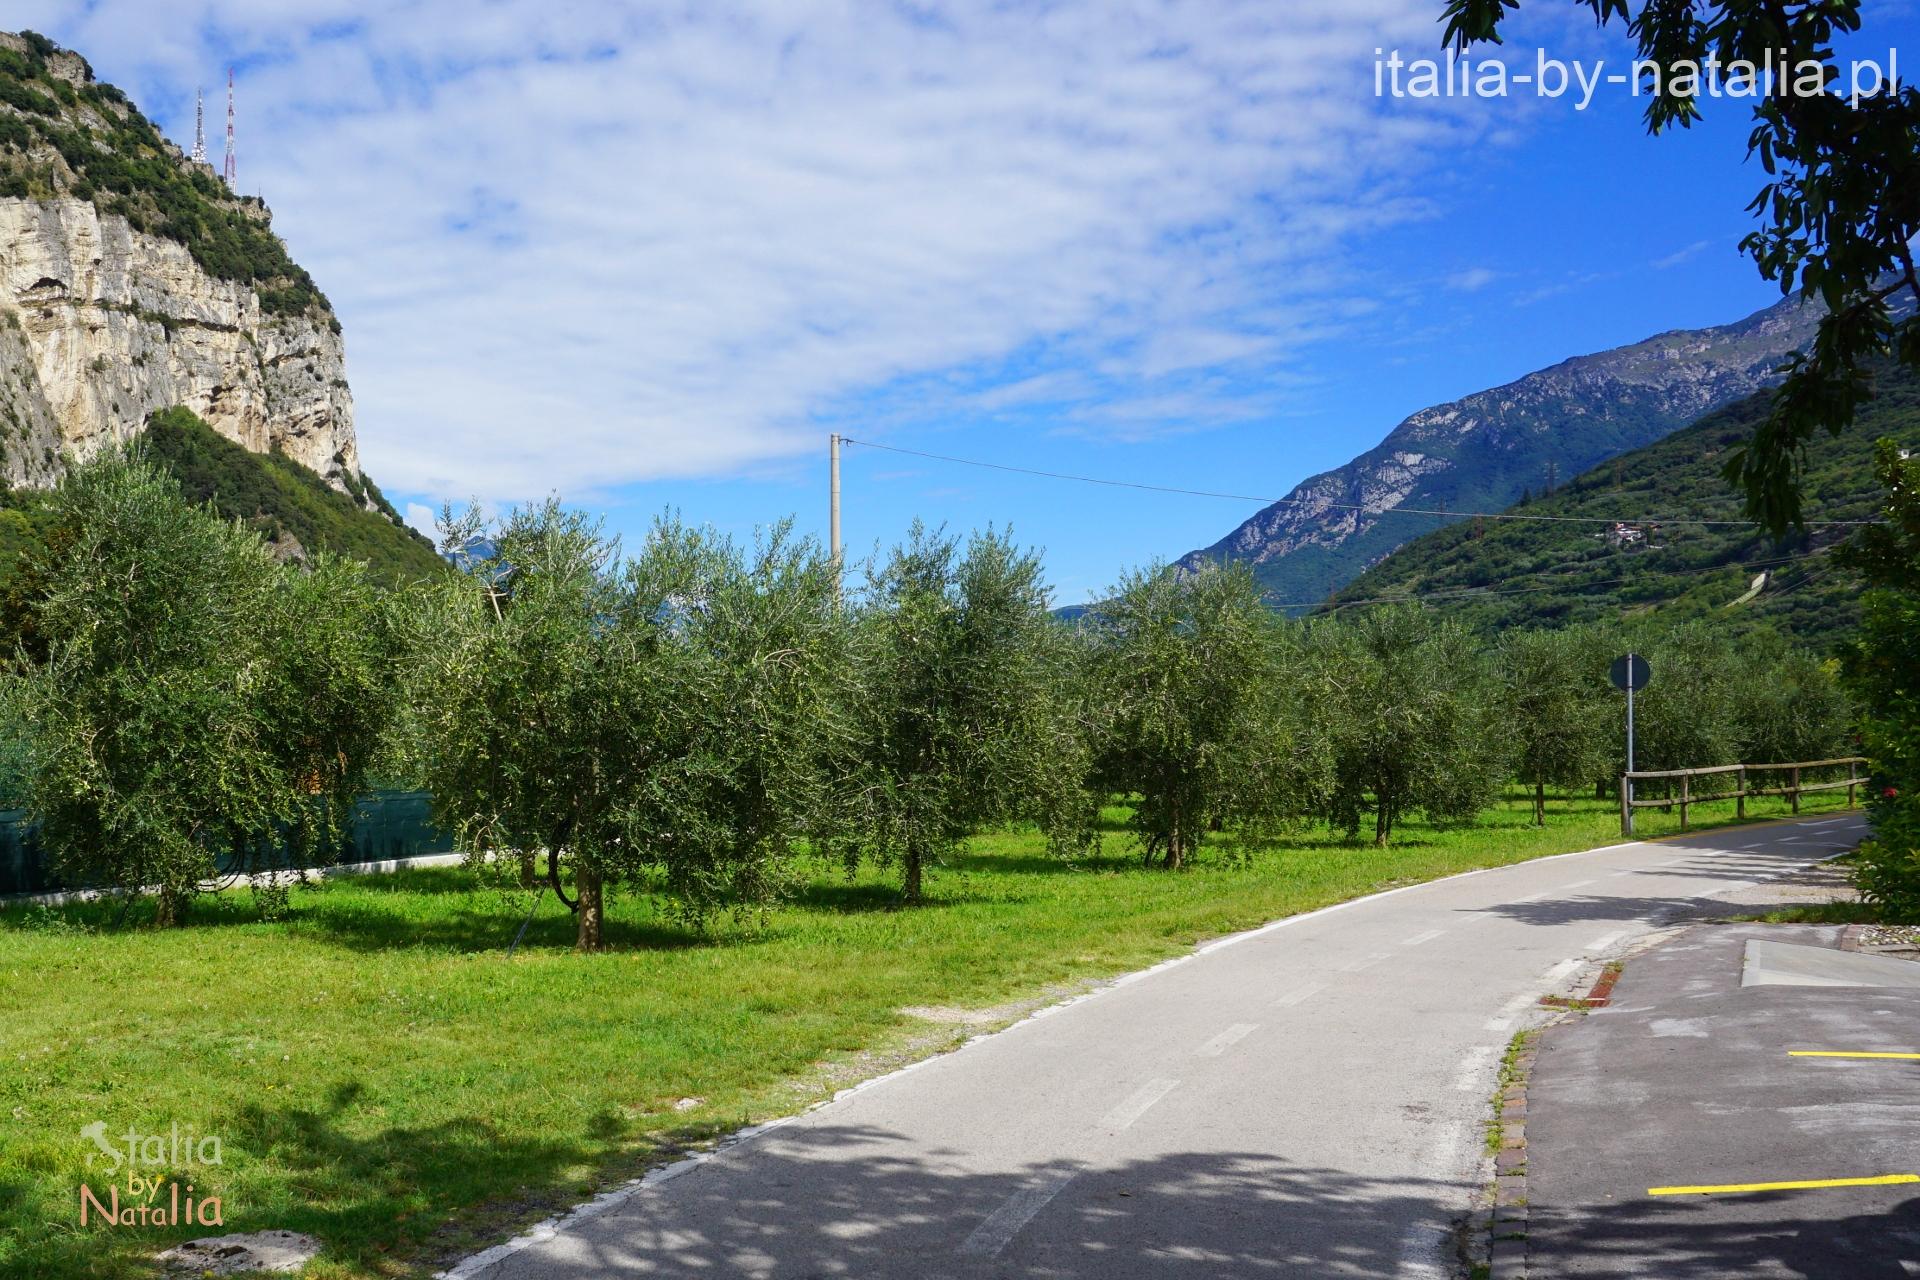 Dolina Rzeki Sarca Jezioro Garda drzewa oliwne